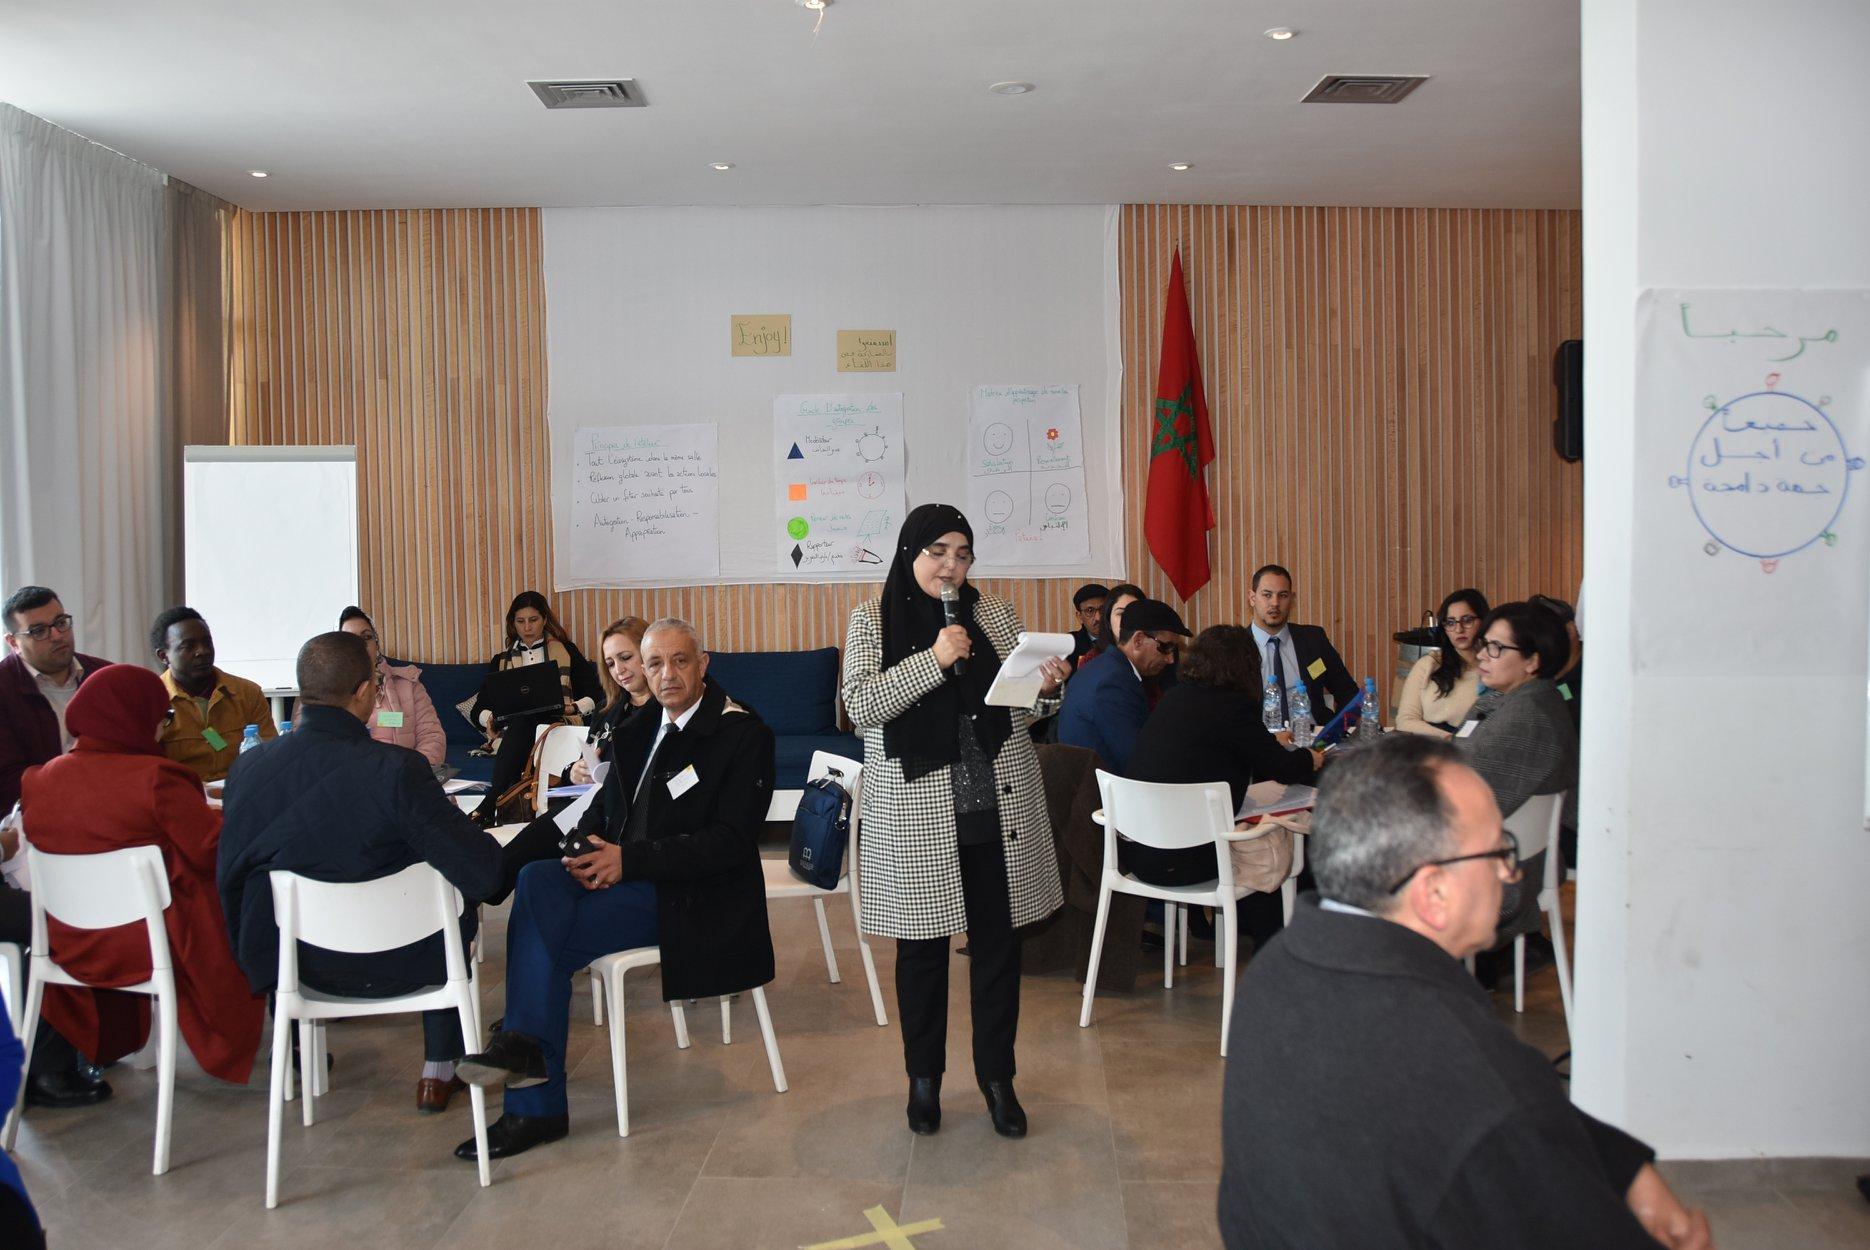 سومية فخري تفتتح الورشة التفاعلية حول النوع والإدماج الاجتماعي المنظمة طرف مجلس الجهة